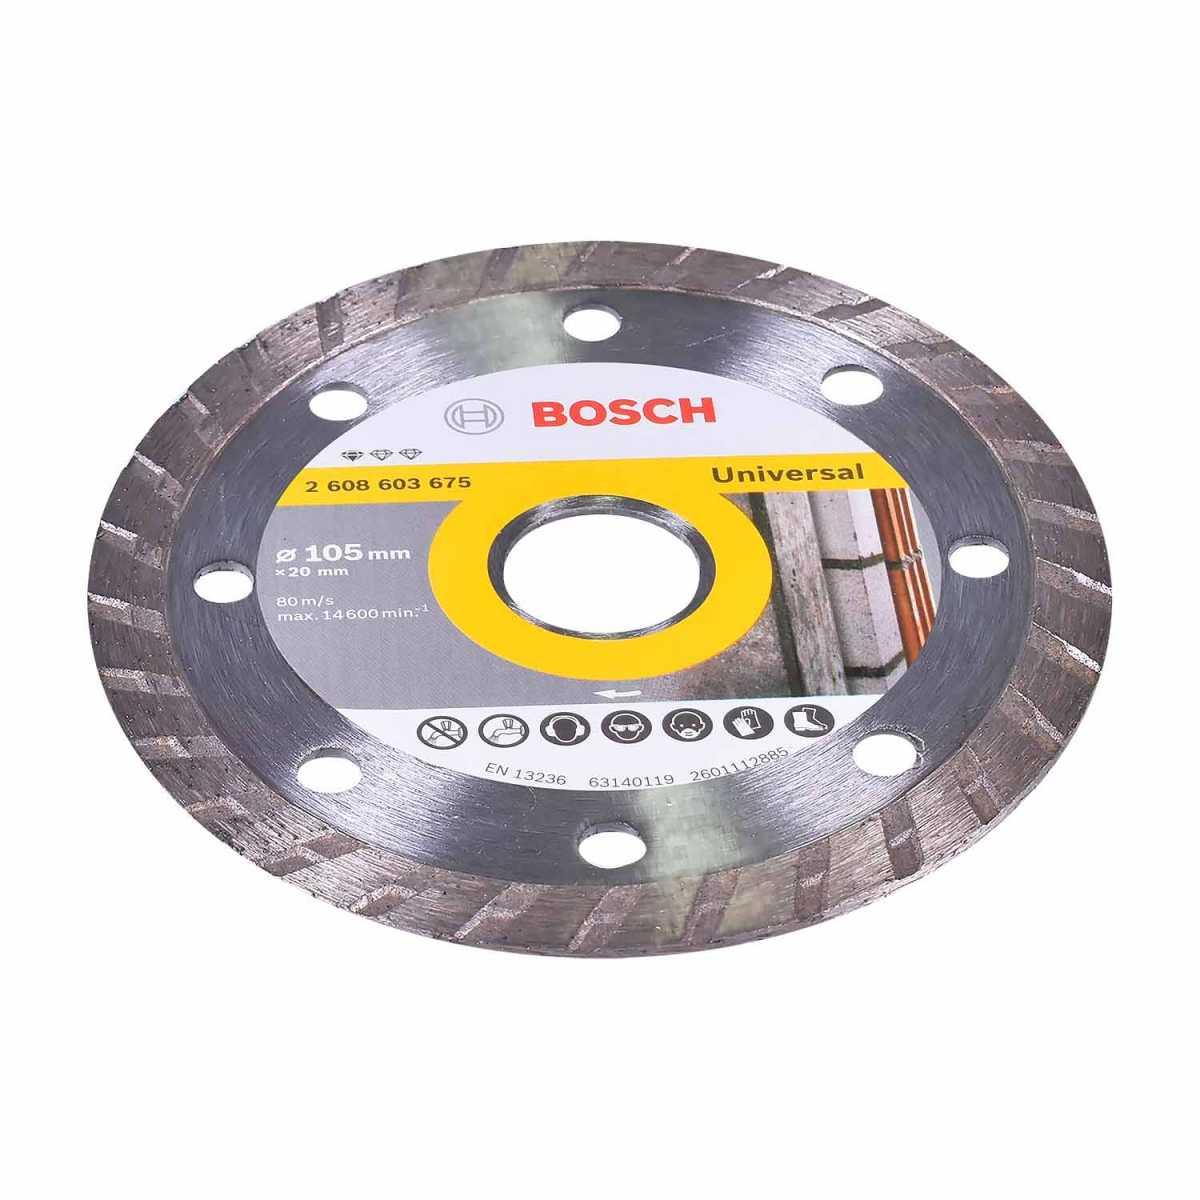 Serra Mármore Titan 1500W com 2 Discos Gdc150 Bosch - 127V